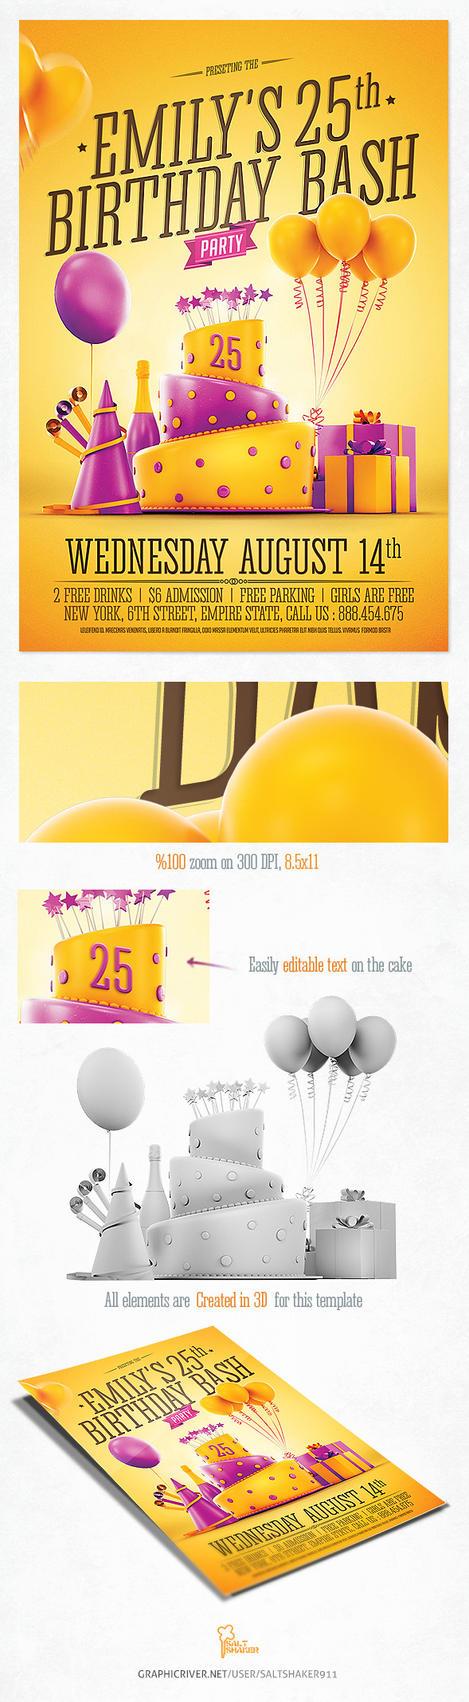 Birthday Party Invitation Flyer by saltshaker911